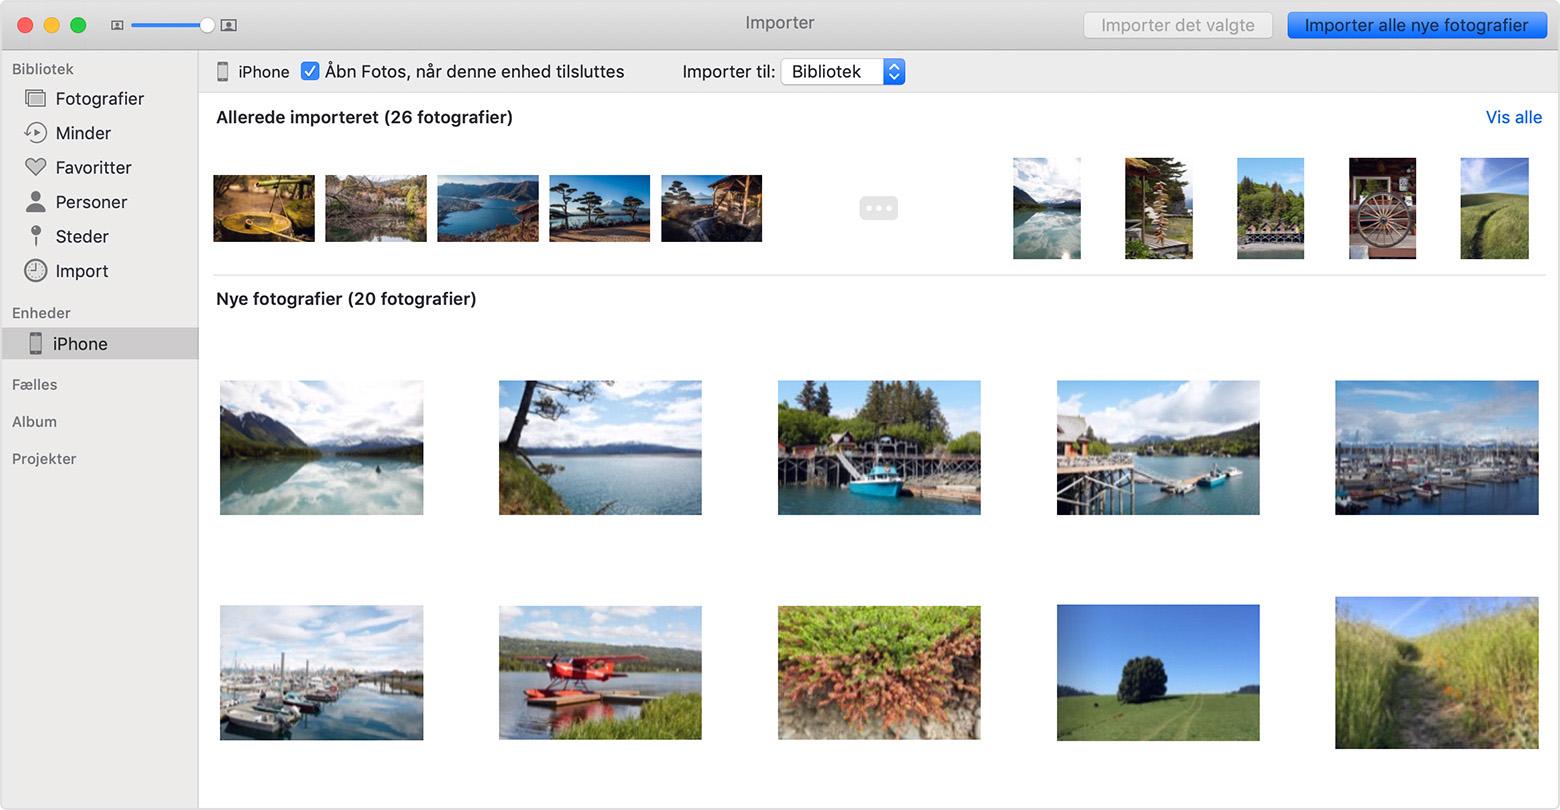 adea5035c07 Overførsel af billeder og videoer fra din iPhone, iPad eller iPod ...